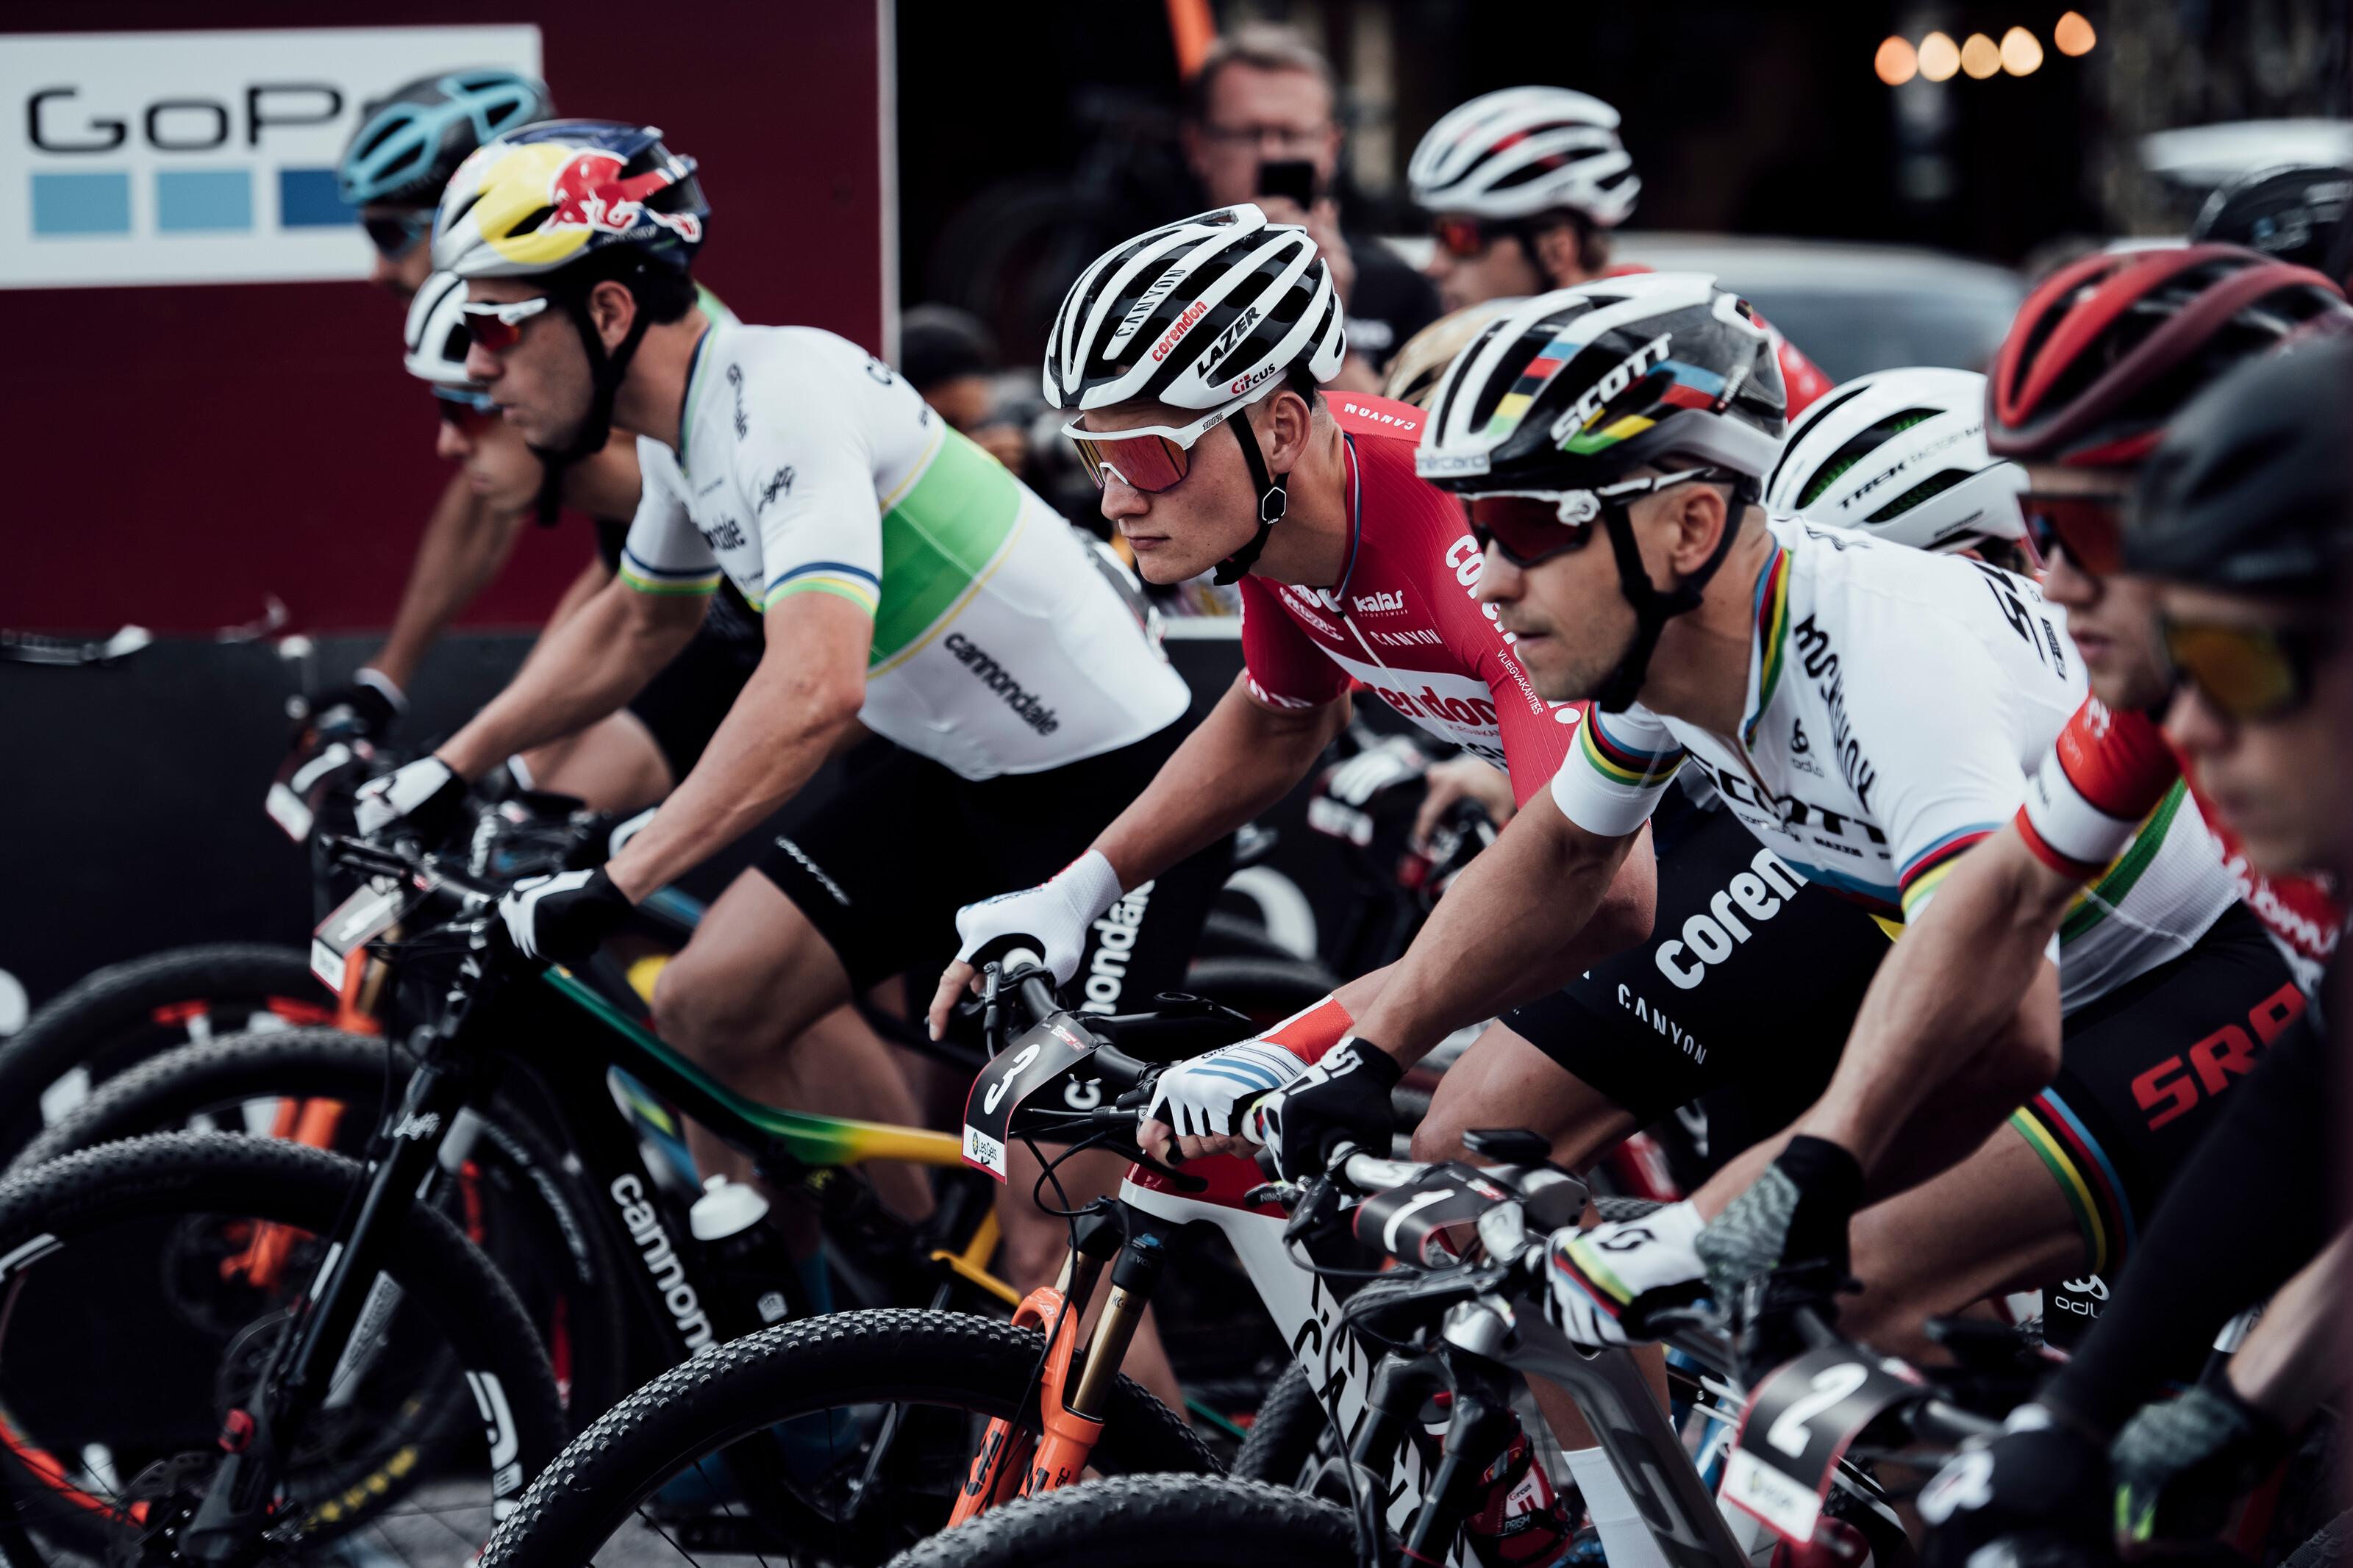 Puchar Świata w kolarstwie górskim – Les Gets, Francja [podsumowanie]